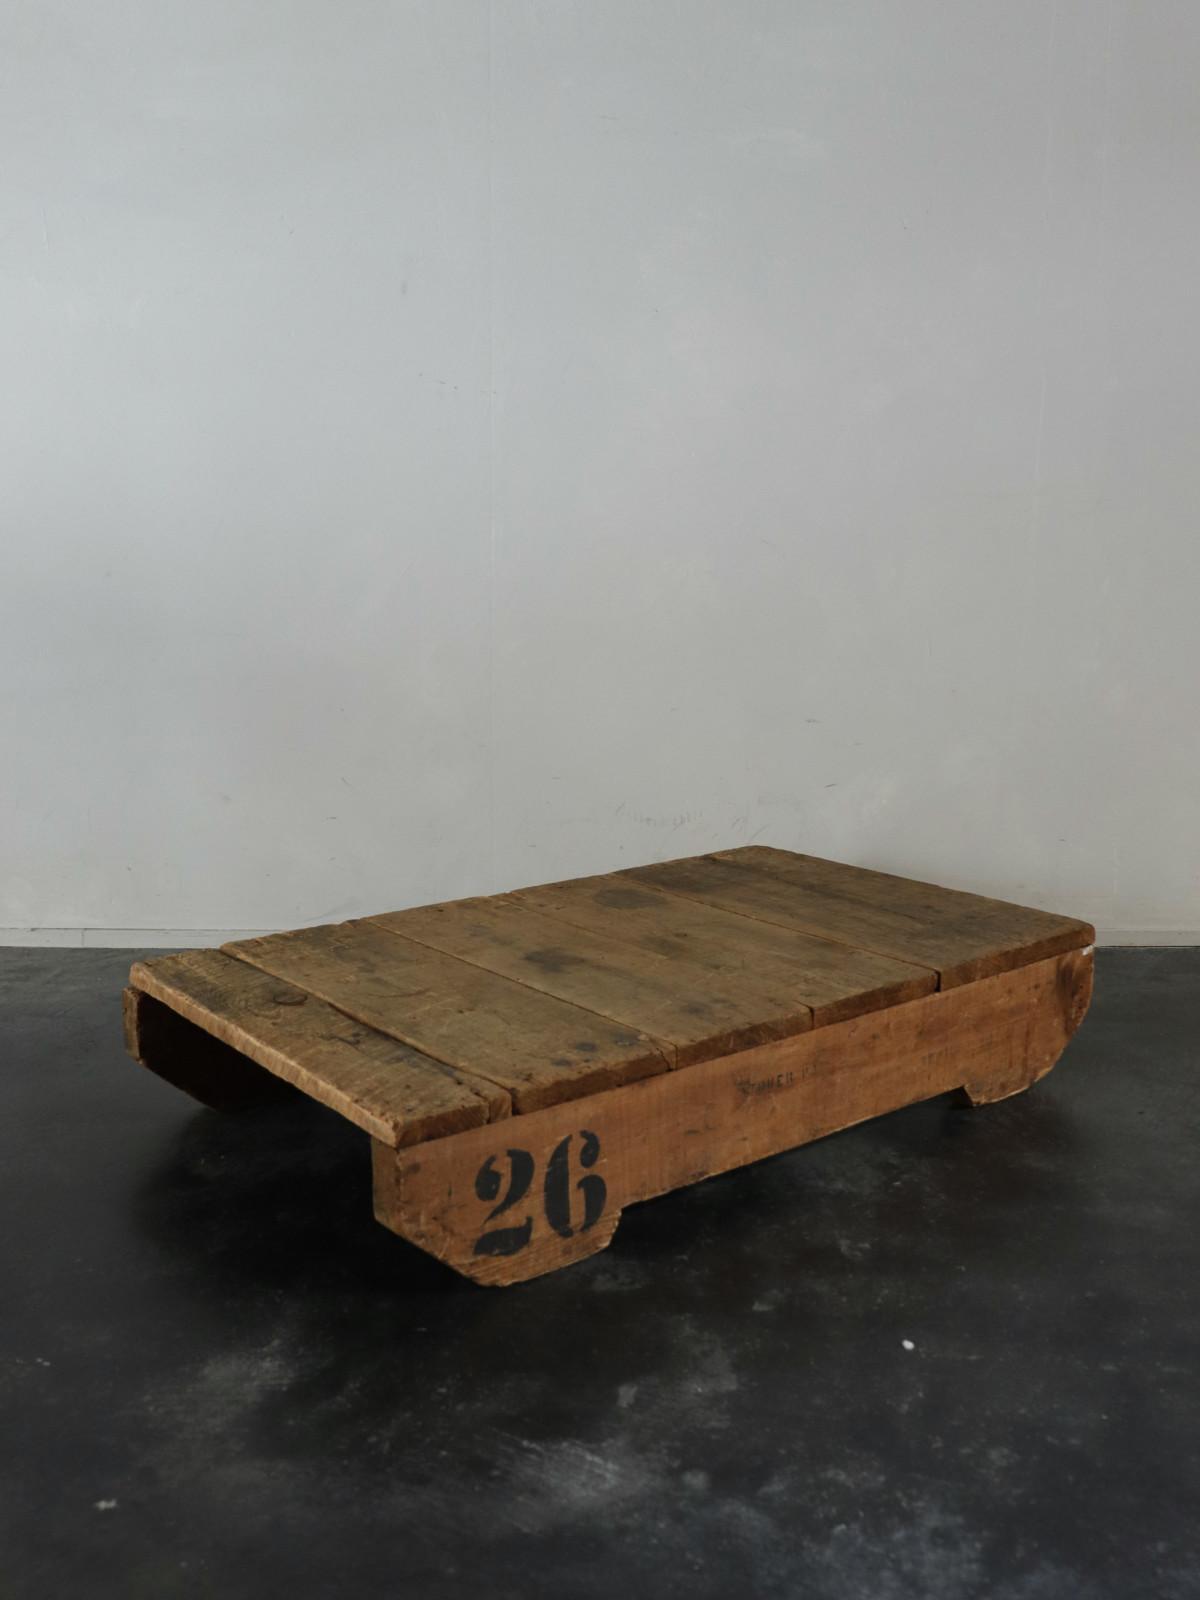 Vintage,Wood pallet,USA